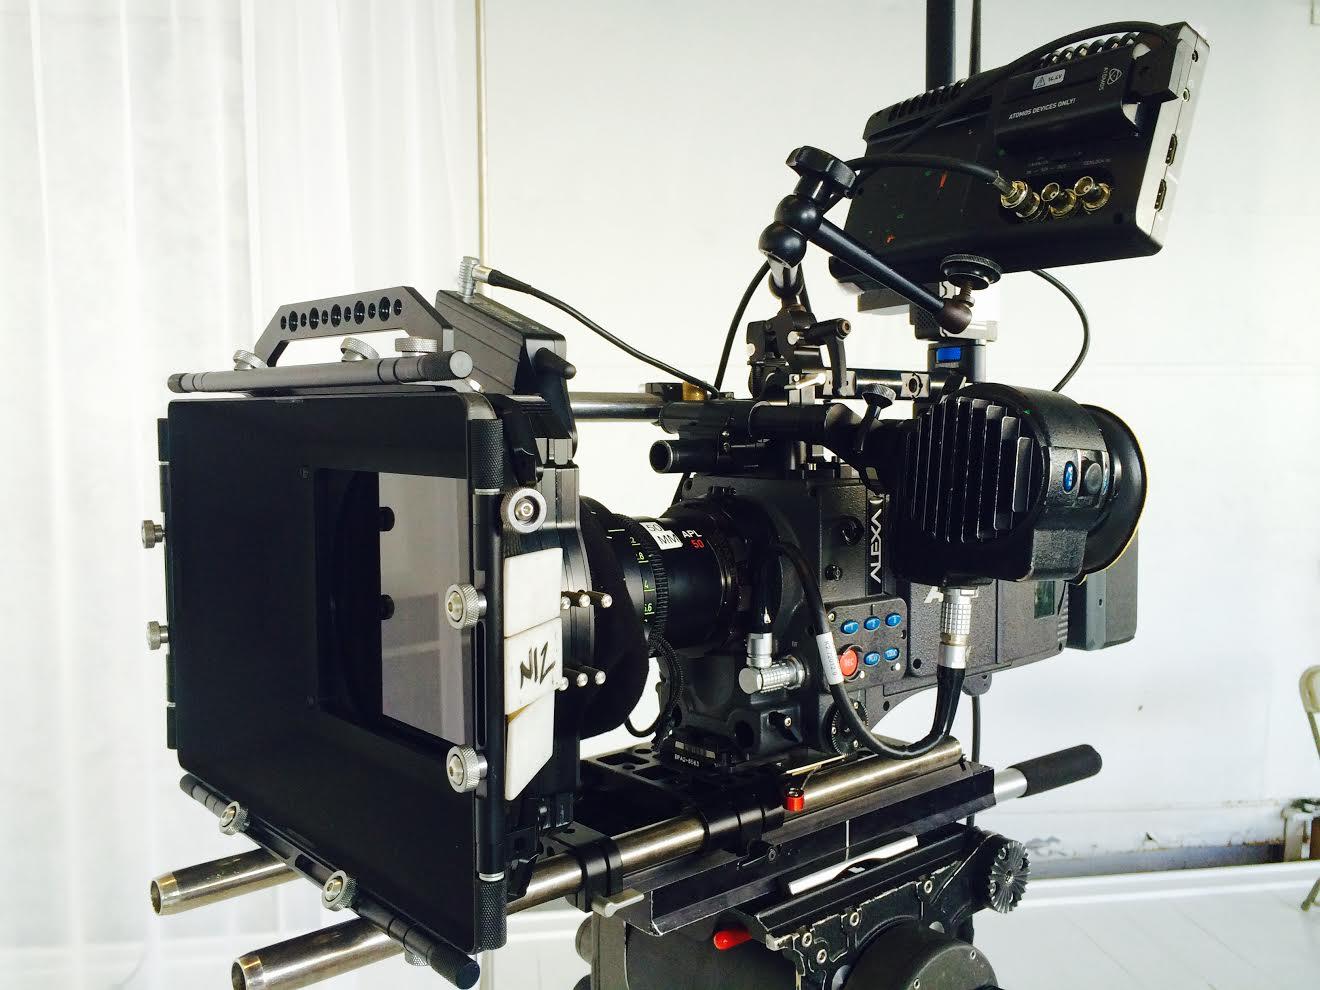 camera_full_rig